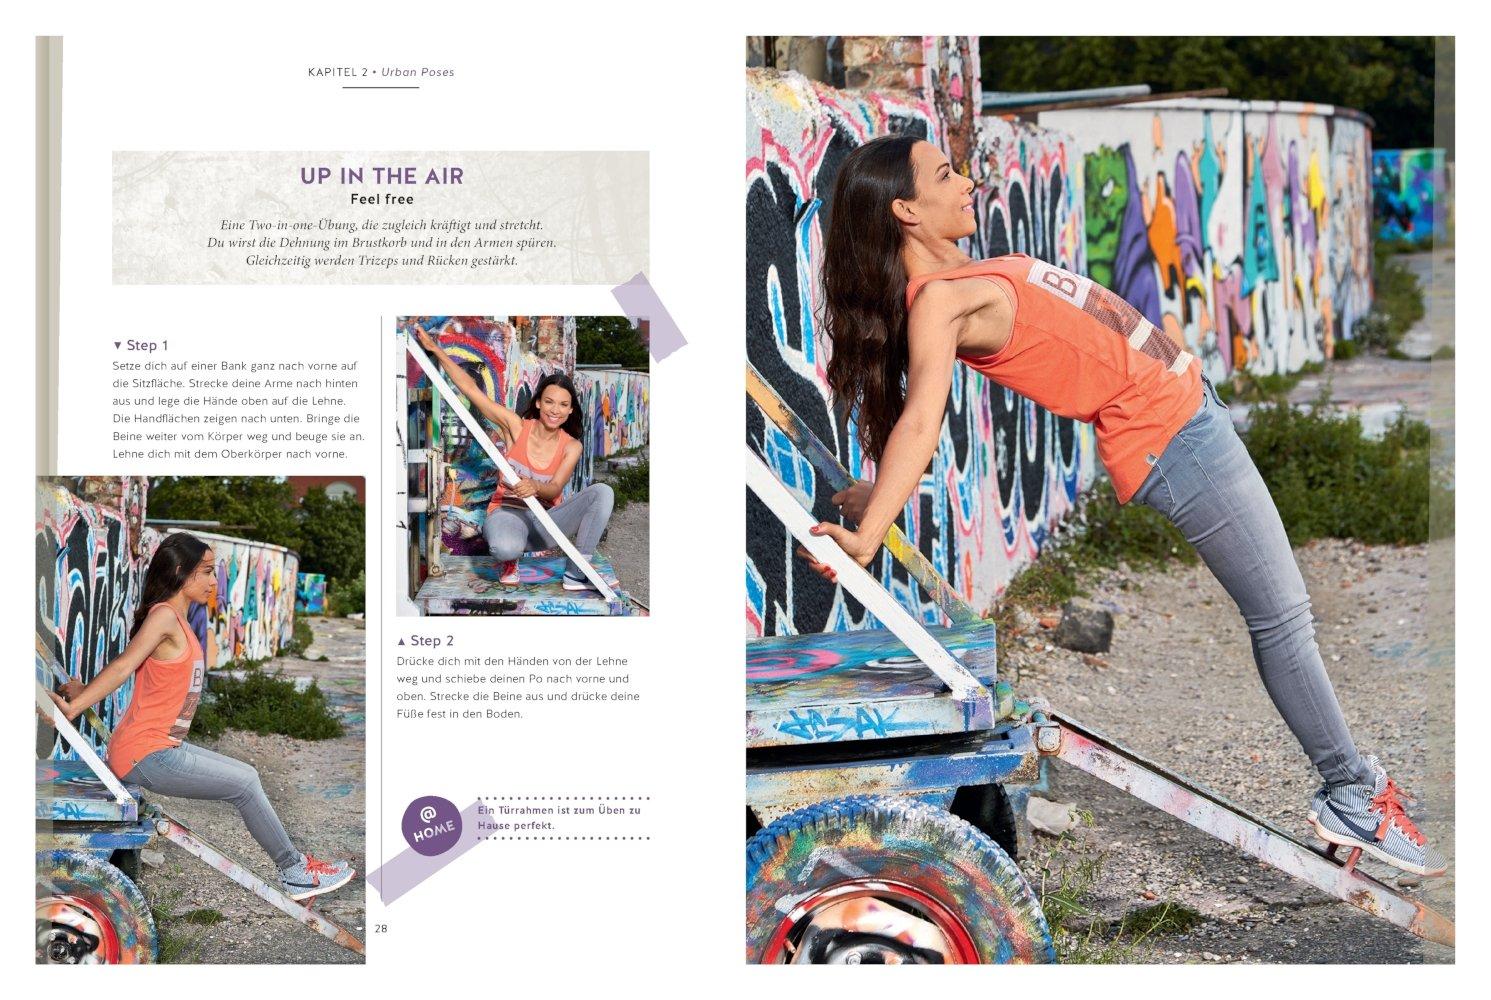 urban yoga 9783833848162 amazoncom books - Skateboard Bank Beine